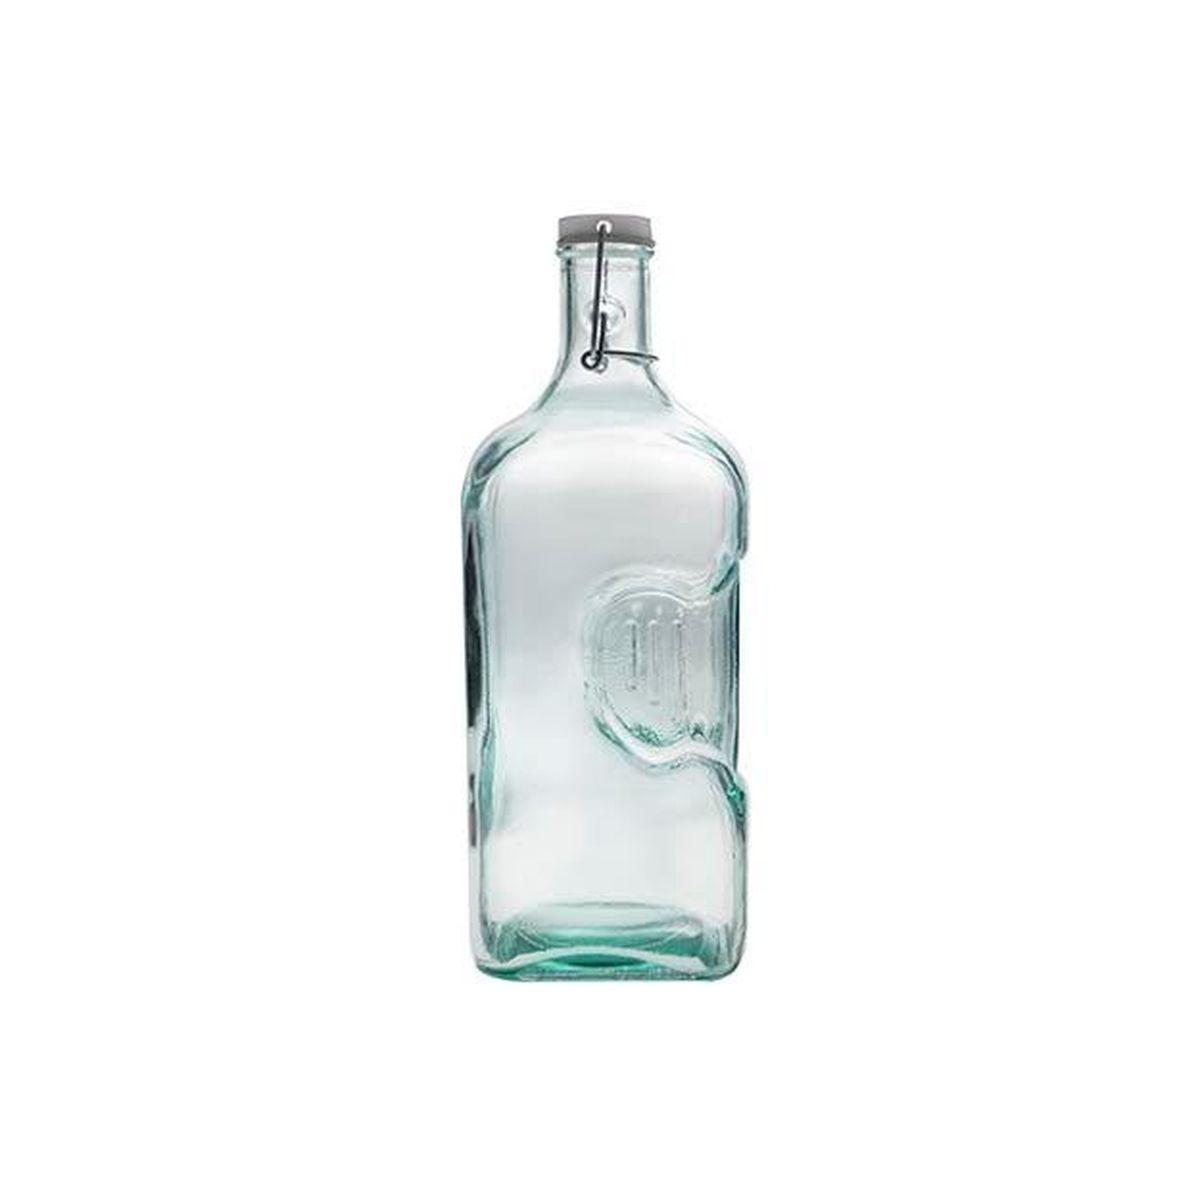 Bouteille en verre recyclé avec bouchon mécanique 2 L - Vidrios